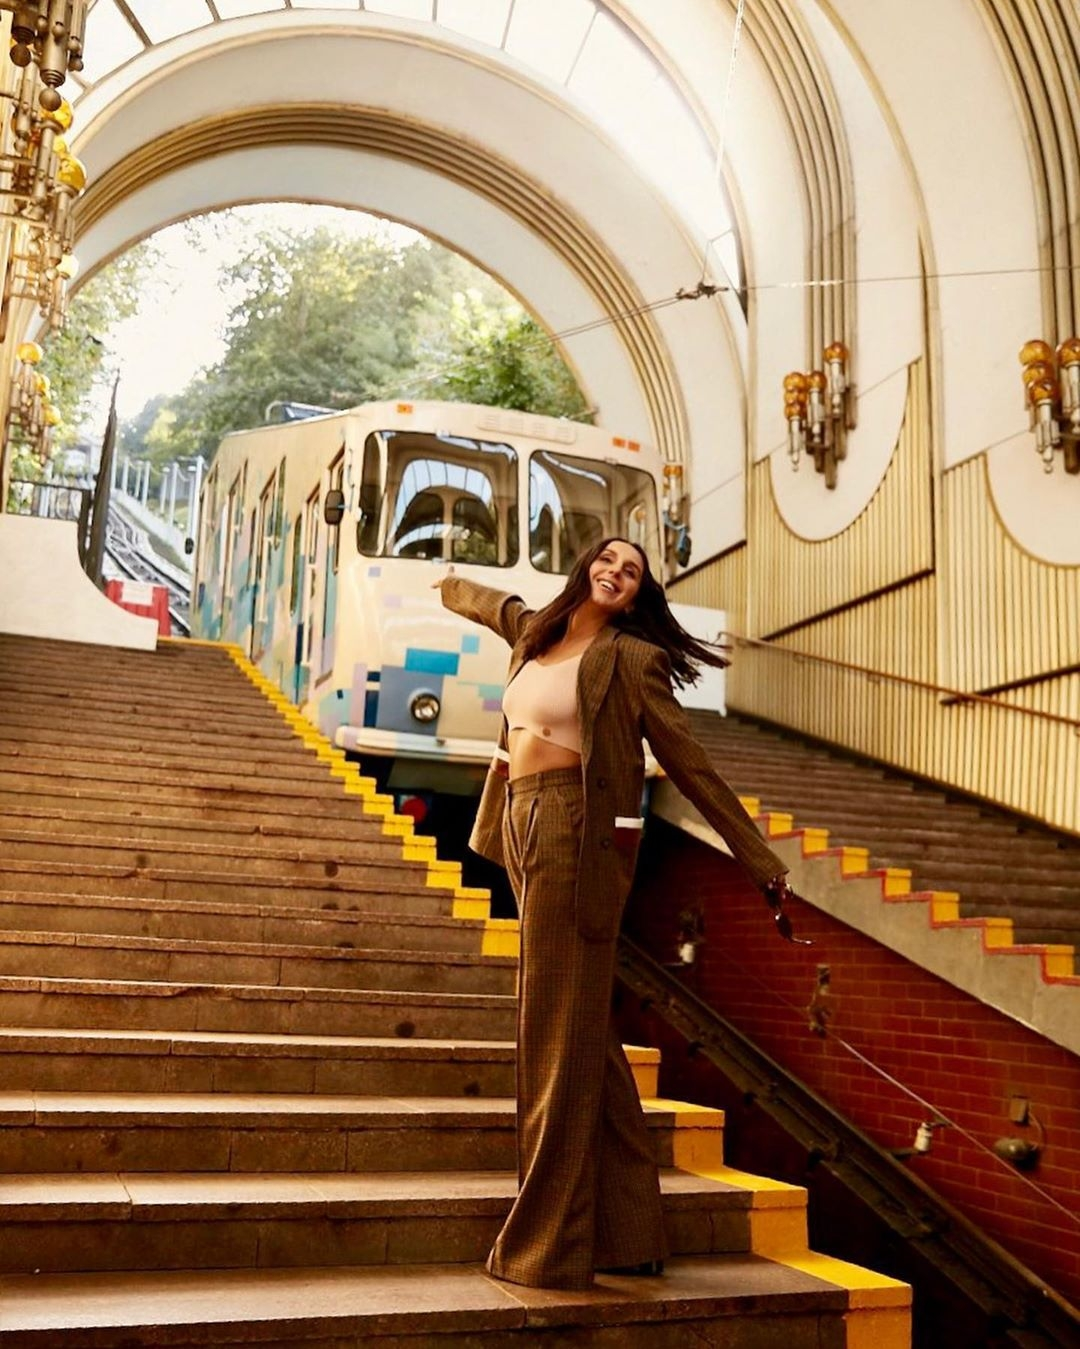 Как знаменитости поздравили Киев с Днем города: Зеленский, Кличко, Шварценеггер, Джамала (ВИДЕО+ФОТО) - фото №2